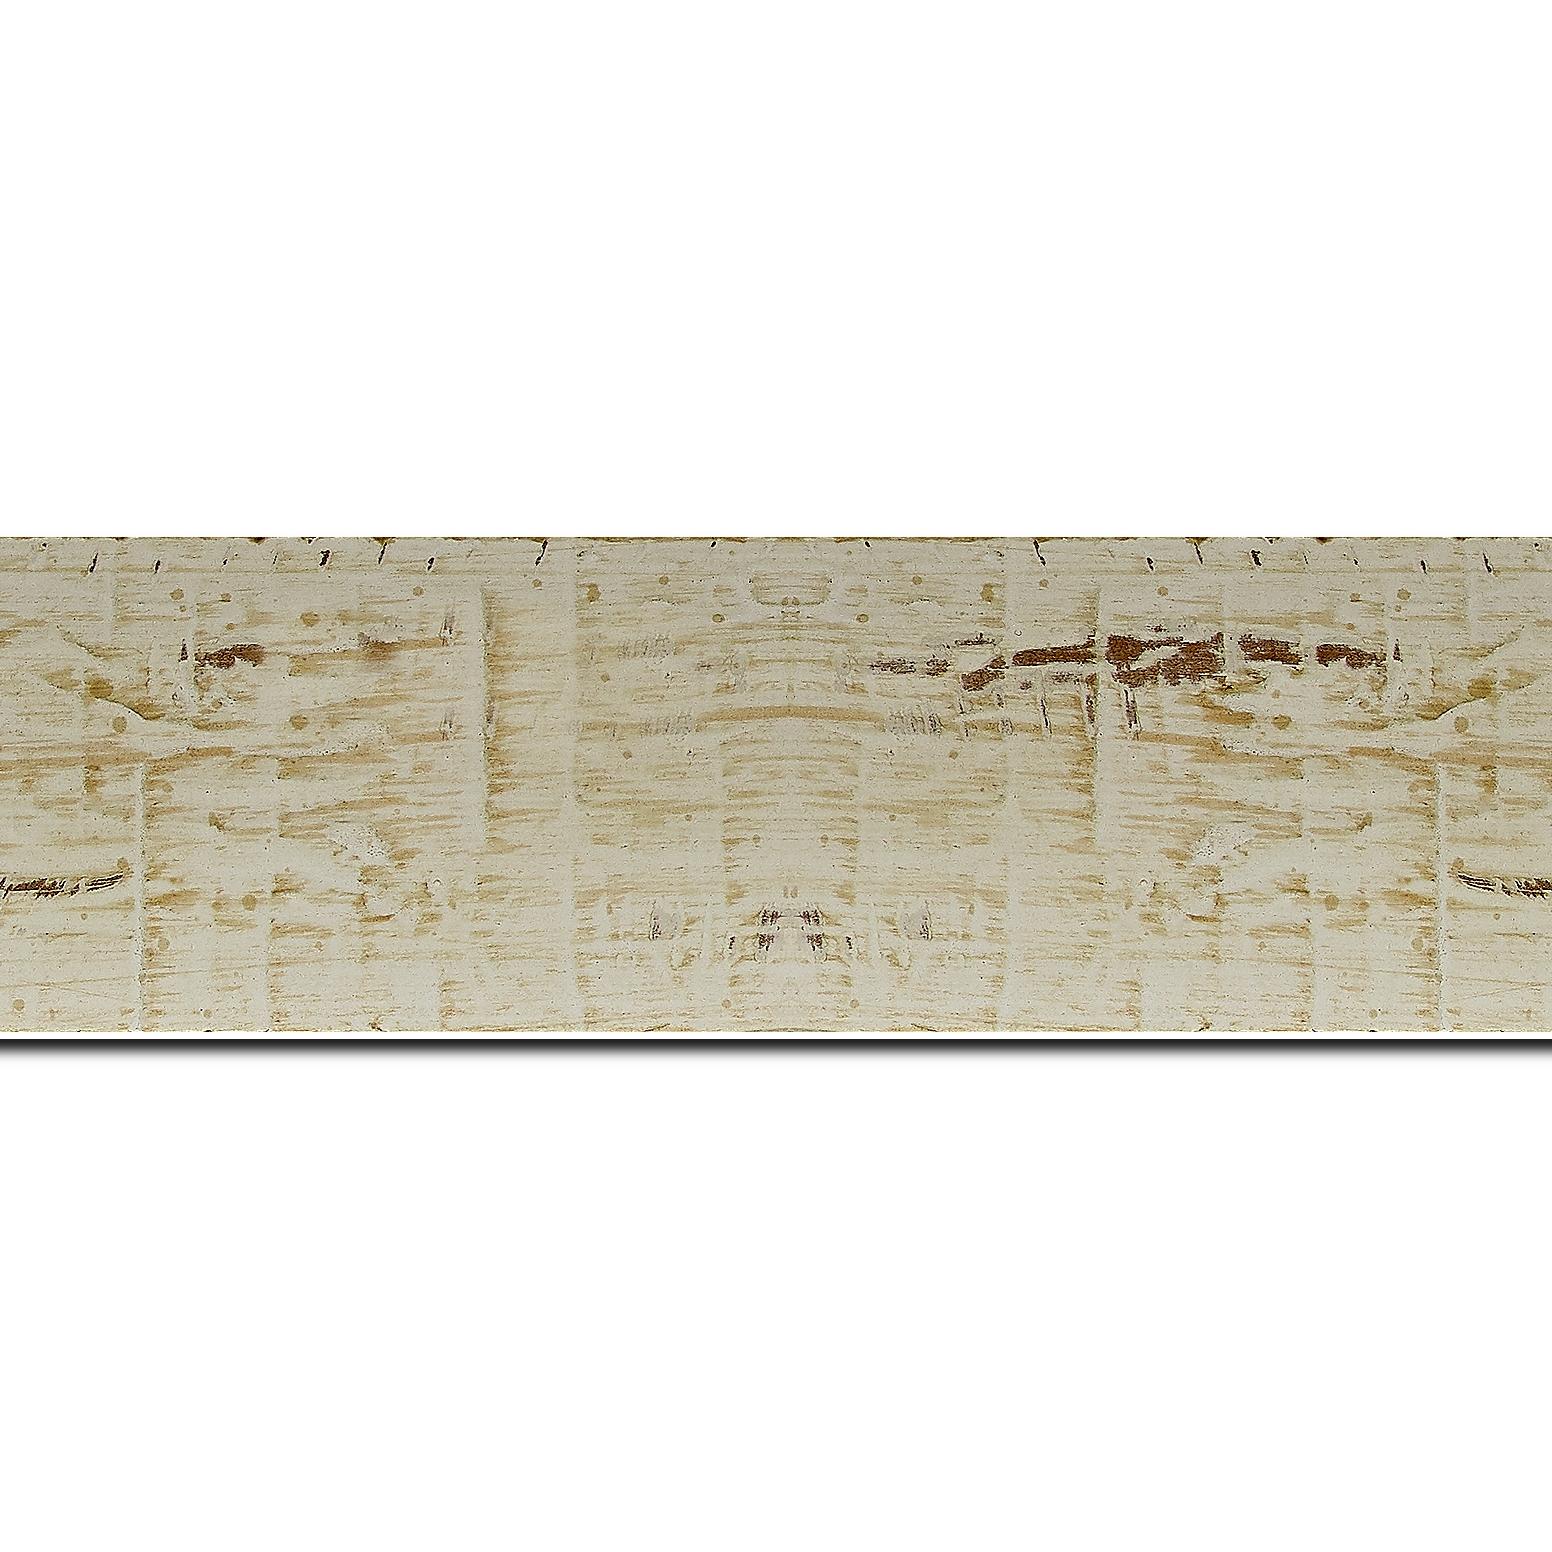 Baguette longueur 1.40m bois profil plat largeur 5cm couleur blanchie finition bois brut aspect palette